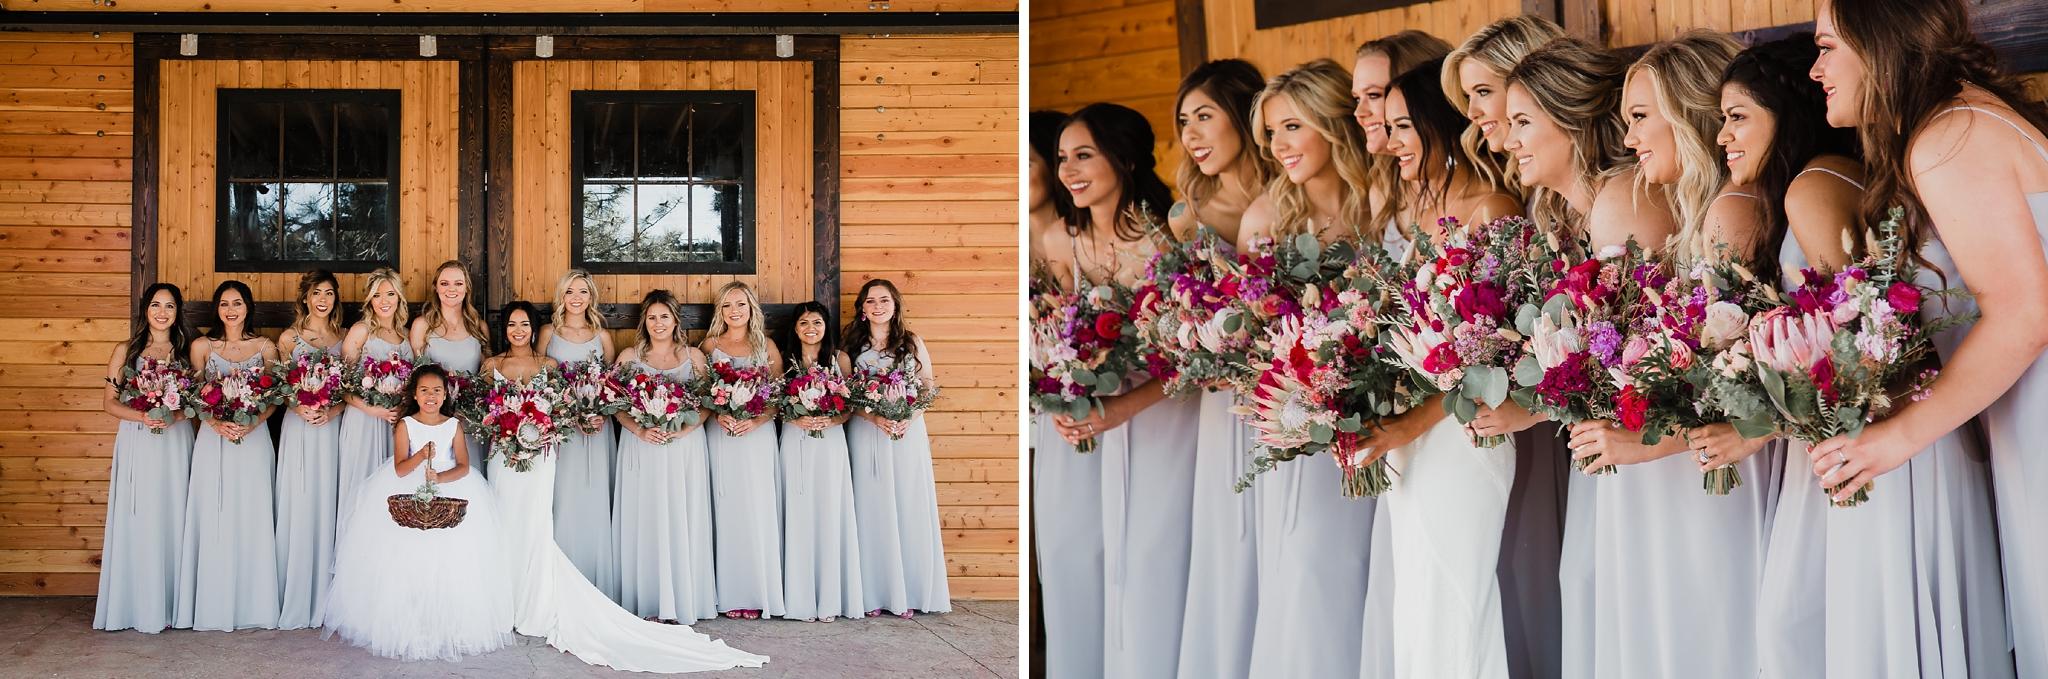 Alicia+lucia+photography+-+albuquerque+wedding+photographer+-+santa+fe+wedding+photography+-+new+mexico+wedding+photographer+-+new+mexico+wedding+-+new+mexico+wedding+-+barn+wedding+-+enchanted+vine+barn+wedding+-+ruidoso+wedding_0074.jpg